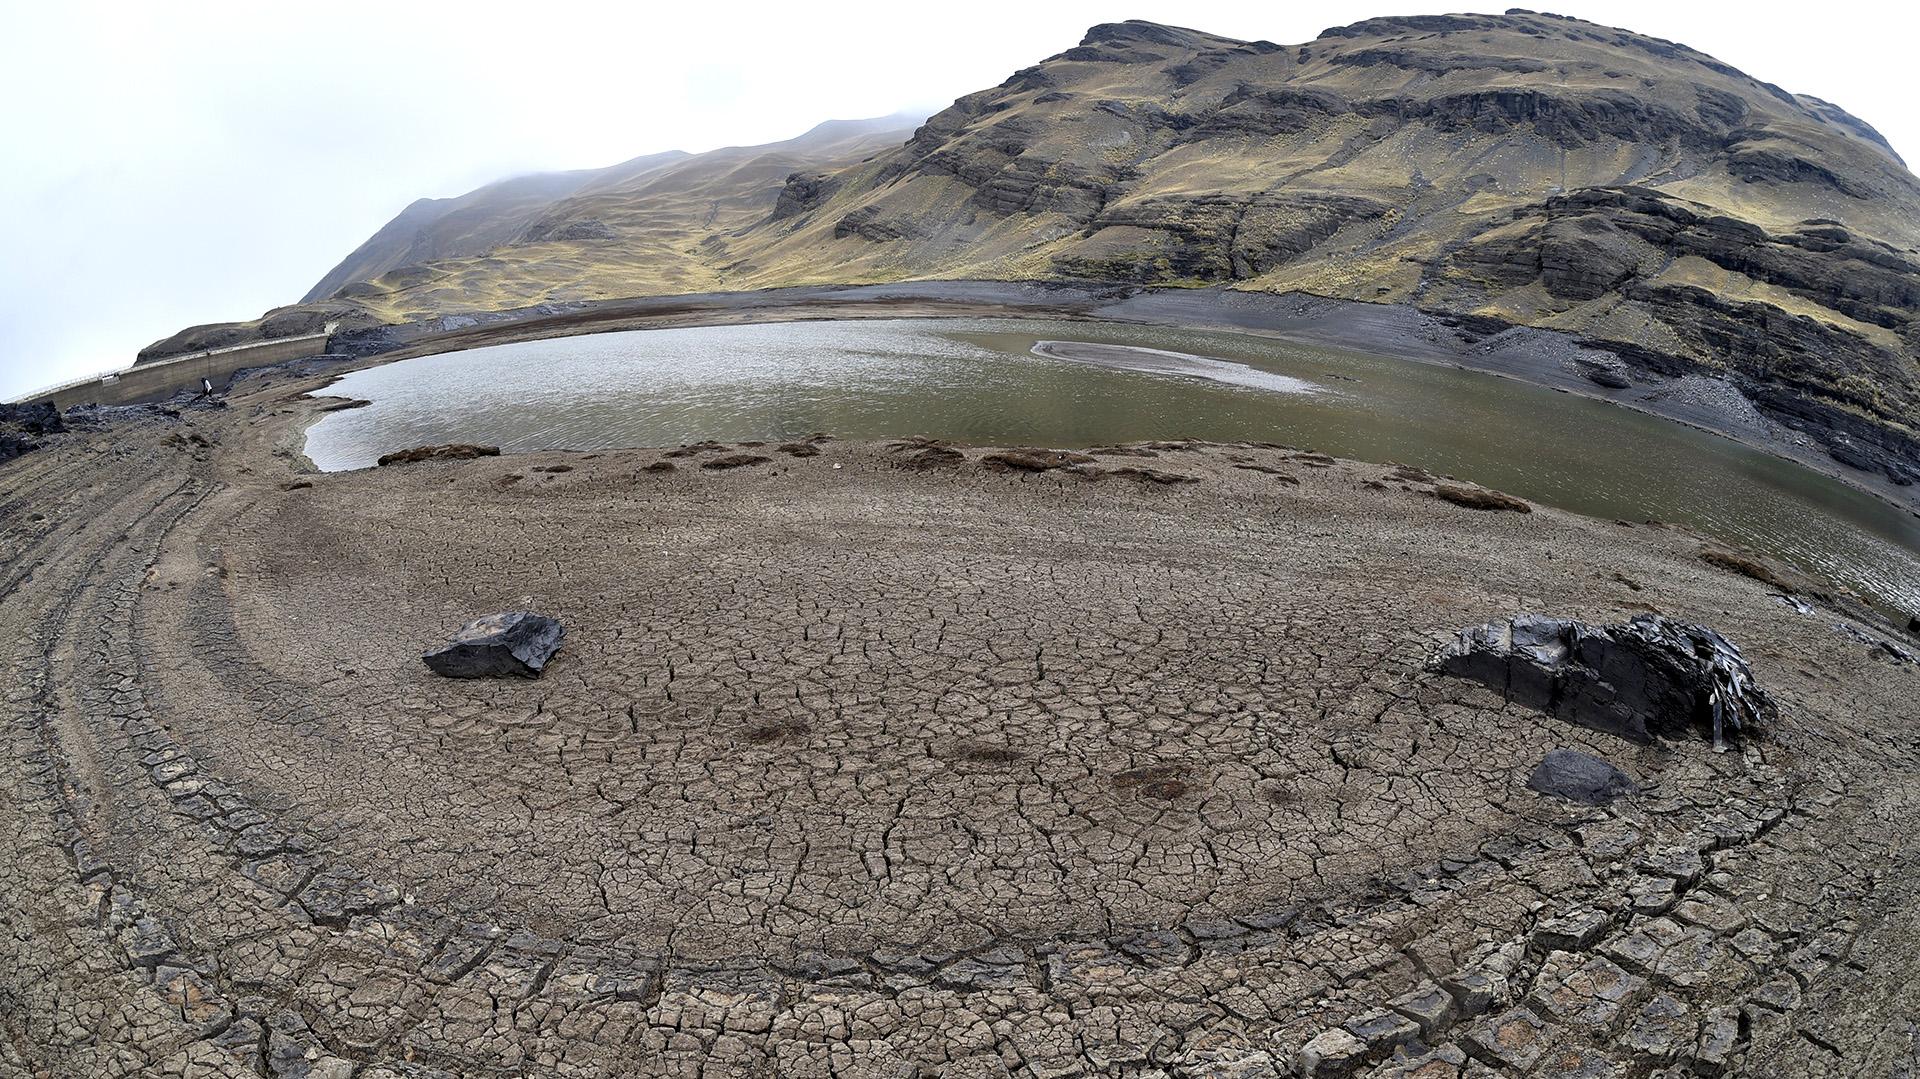 """El presidente de Bolivia, Evo Morales, firmó un decreto que declara la """"emergencia nacional"""" en el país a causa de la sequía que ha ocasionado racionamientos de agua en varias regiones, pero sobre todo en La Paz (AFP)"""